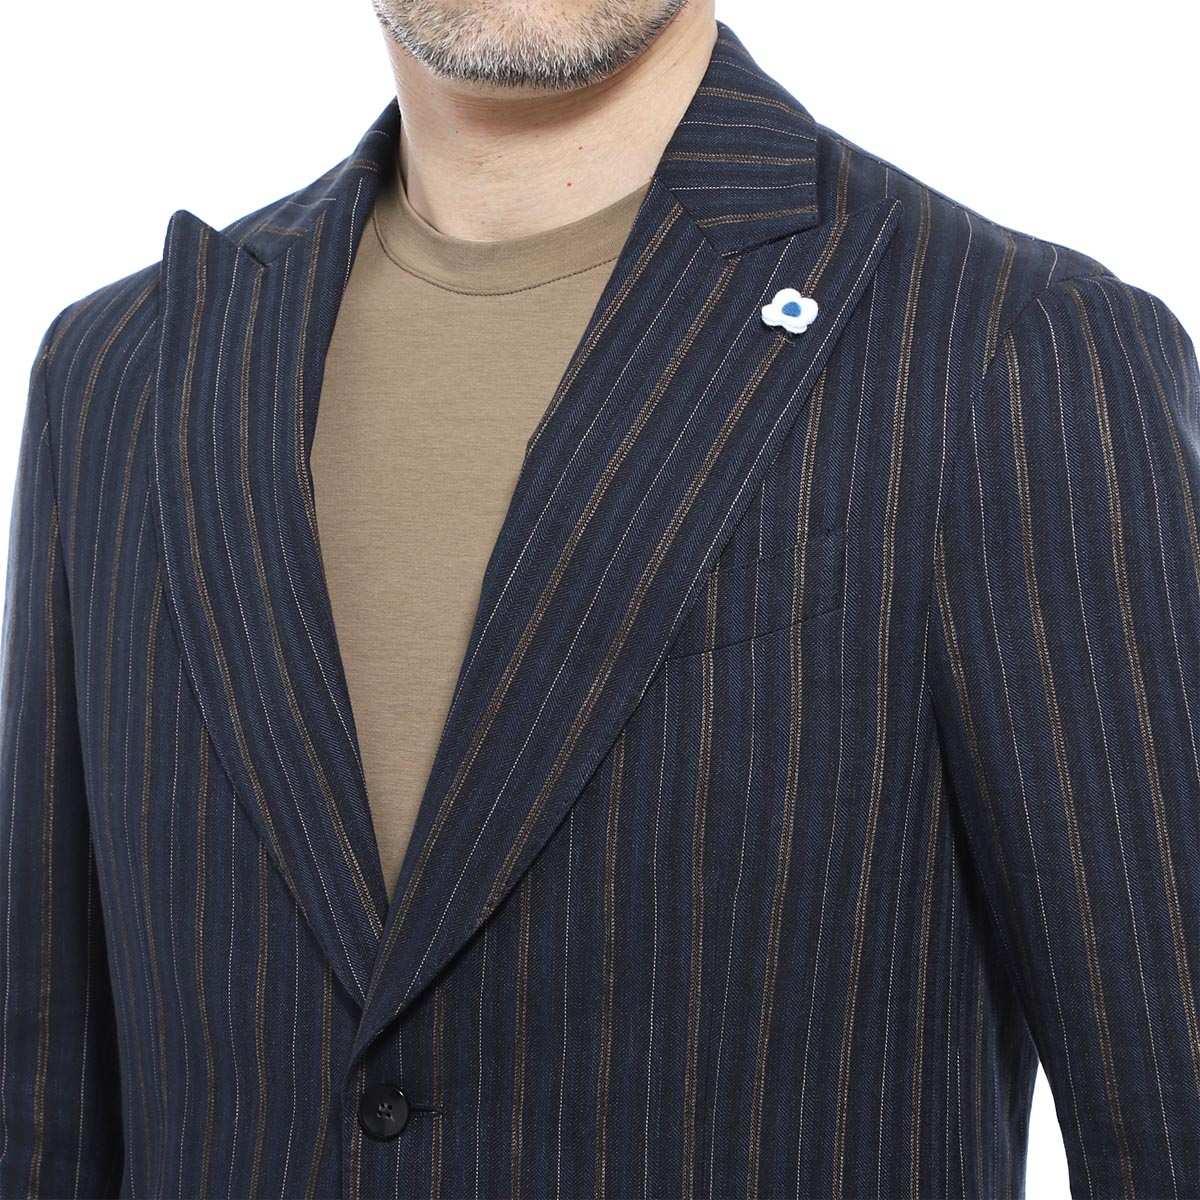 【タイムセール TOPS】【アウトレット】LARDINI ラルディーニ 2つボタンジャケット メンズ